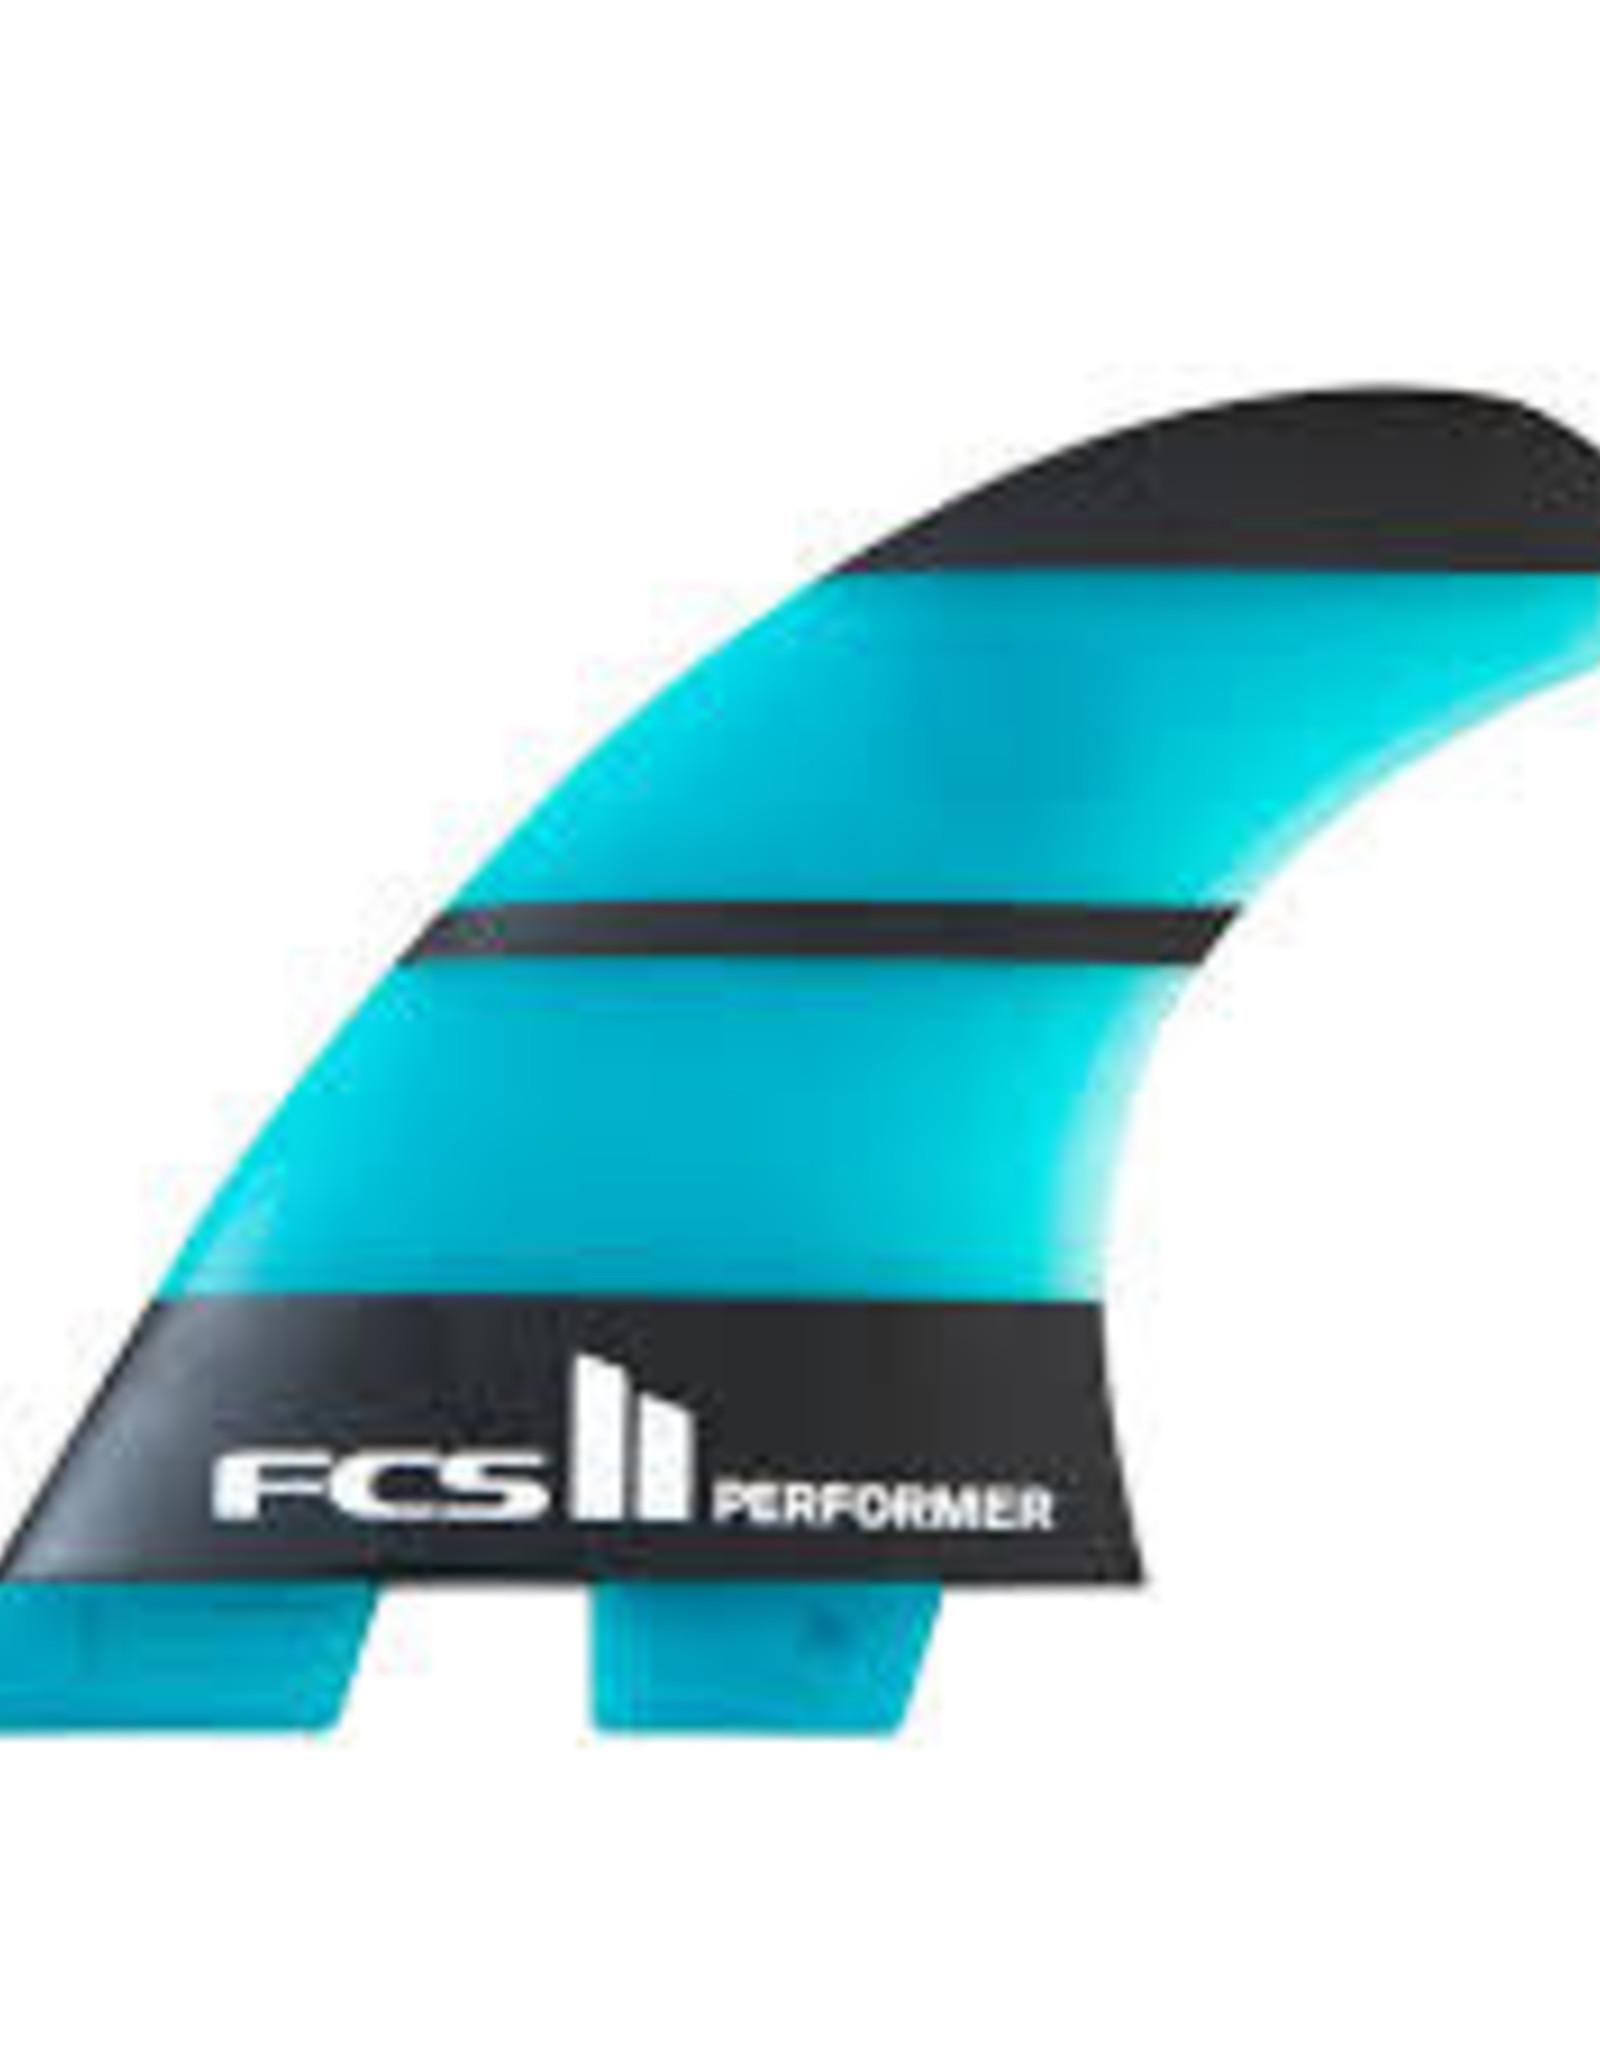 FCS FCS 2 neo performer quad (4 fins) size medium